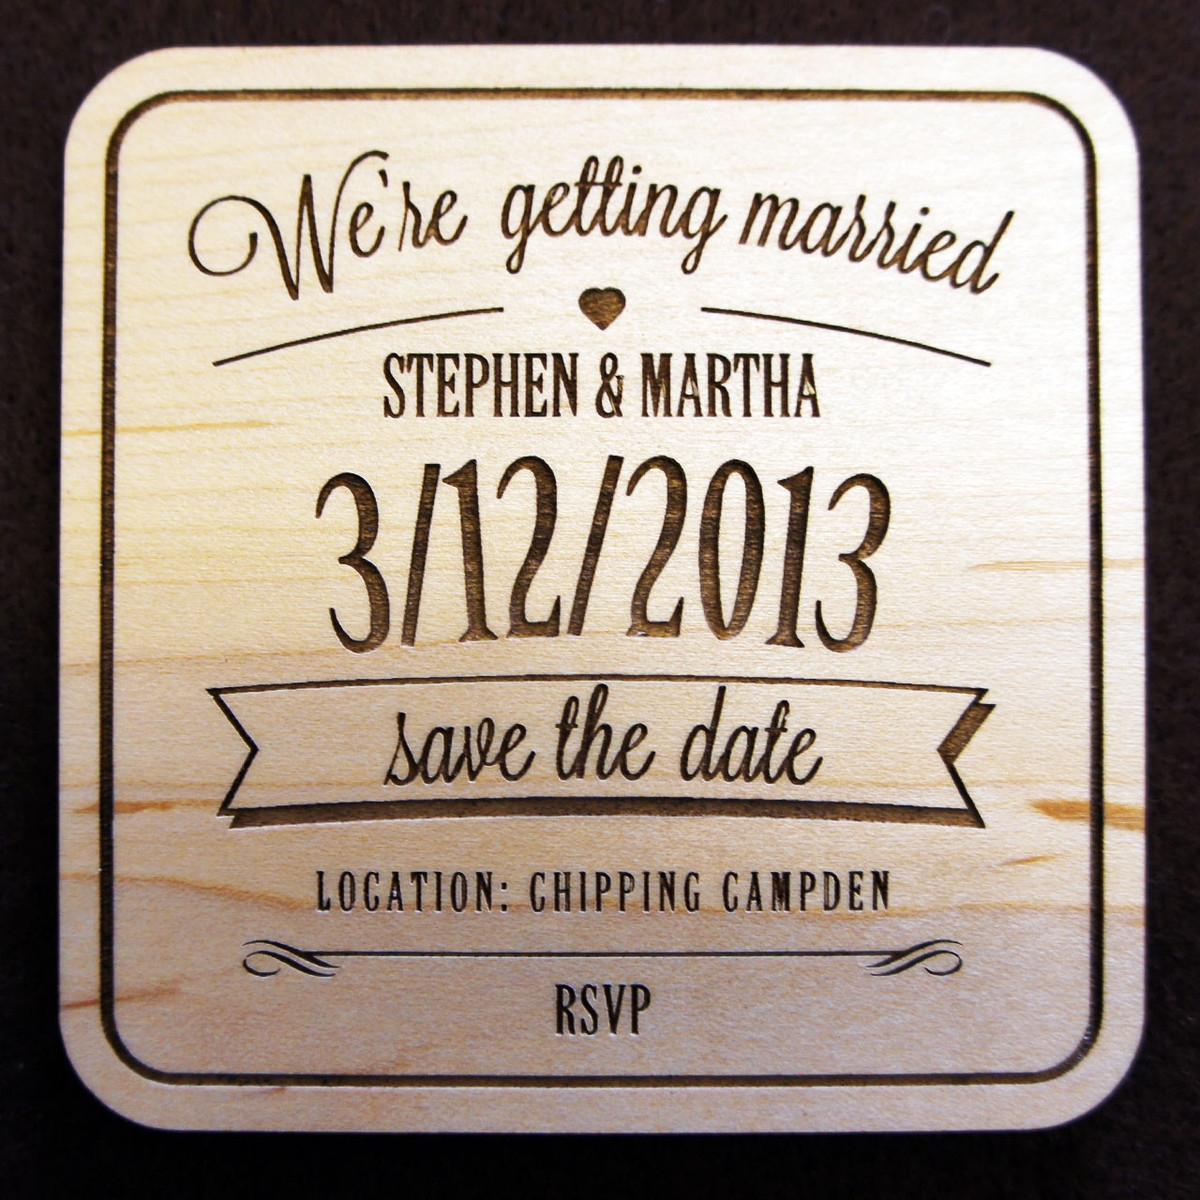 Save the date coasters in Brisbane